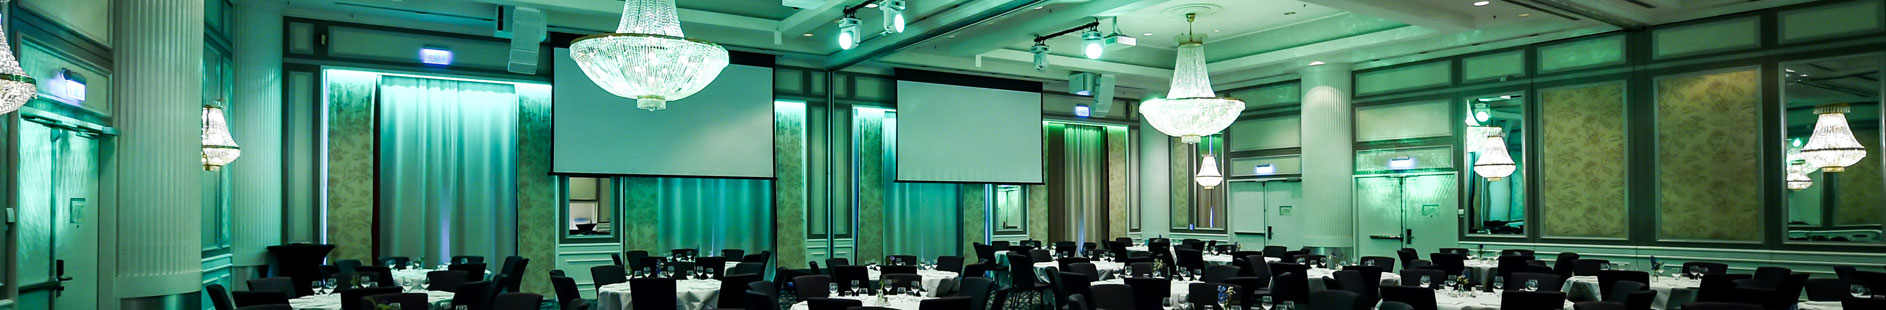 Scandic Triangeln Konferensanläggningar.se